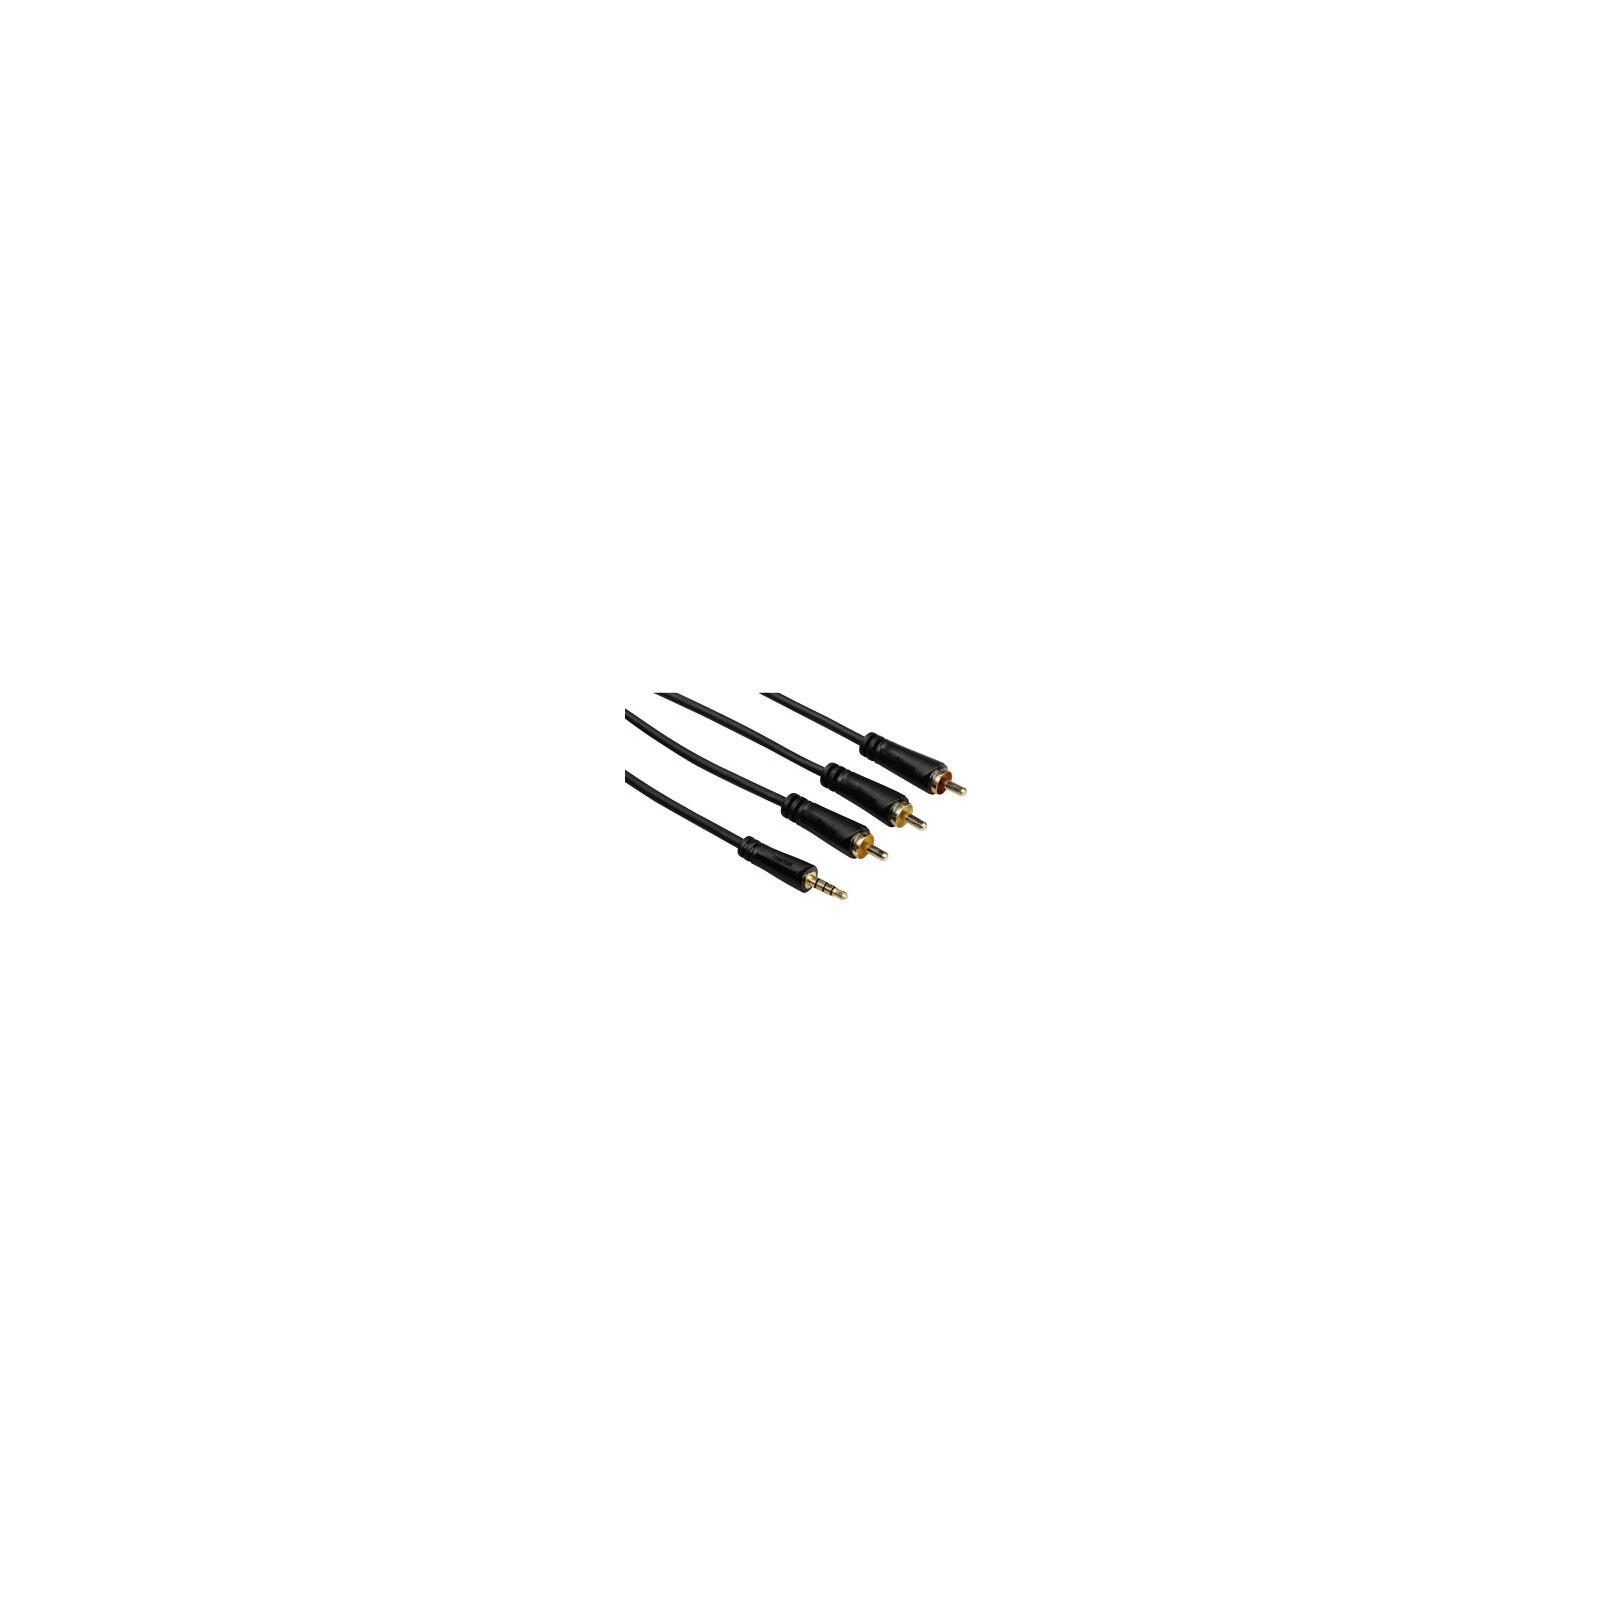 Hama Verbindungskabel 3,5mm Klinken-Stecker 1,5m